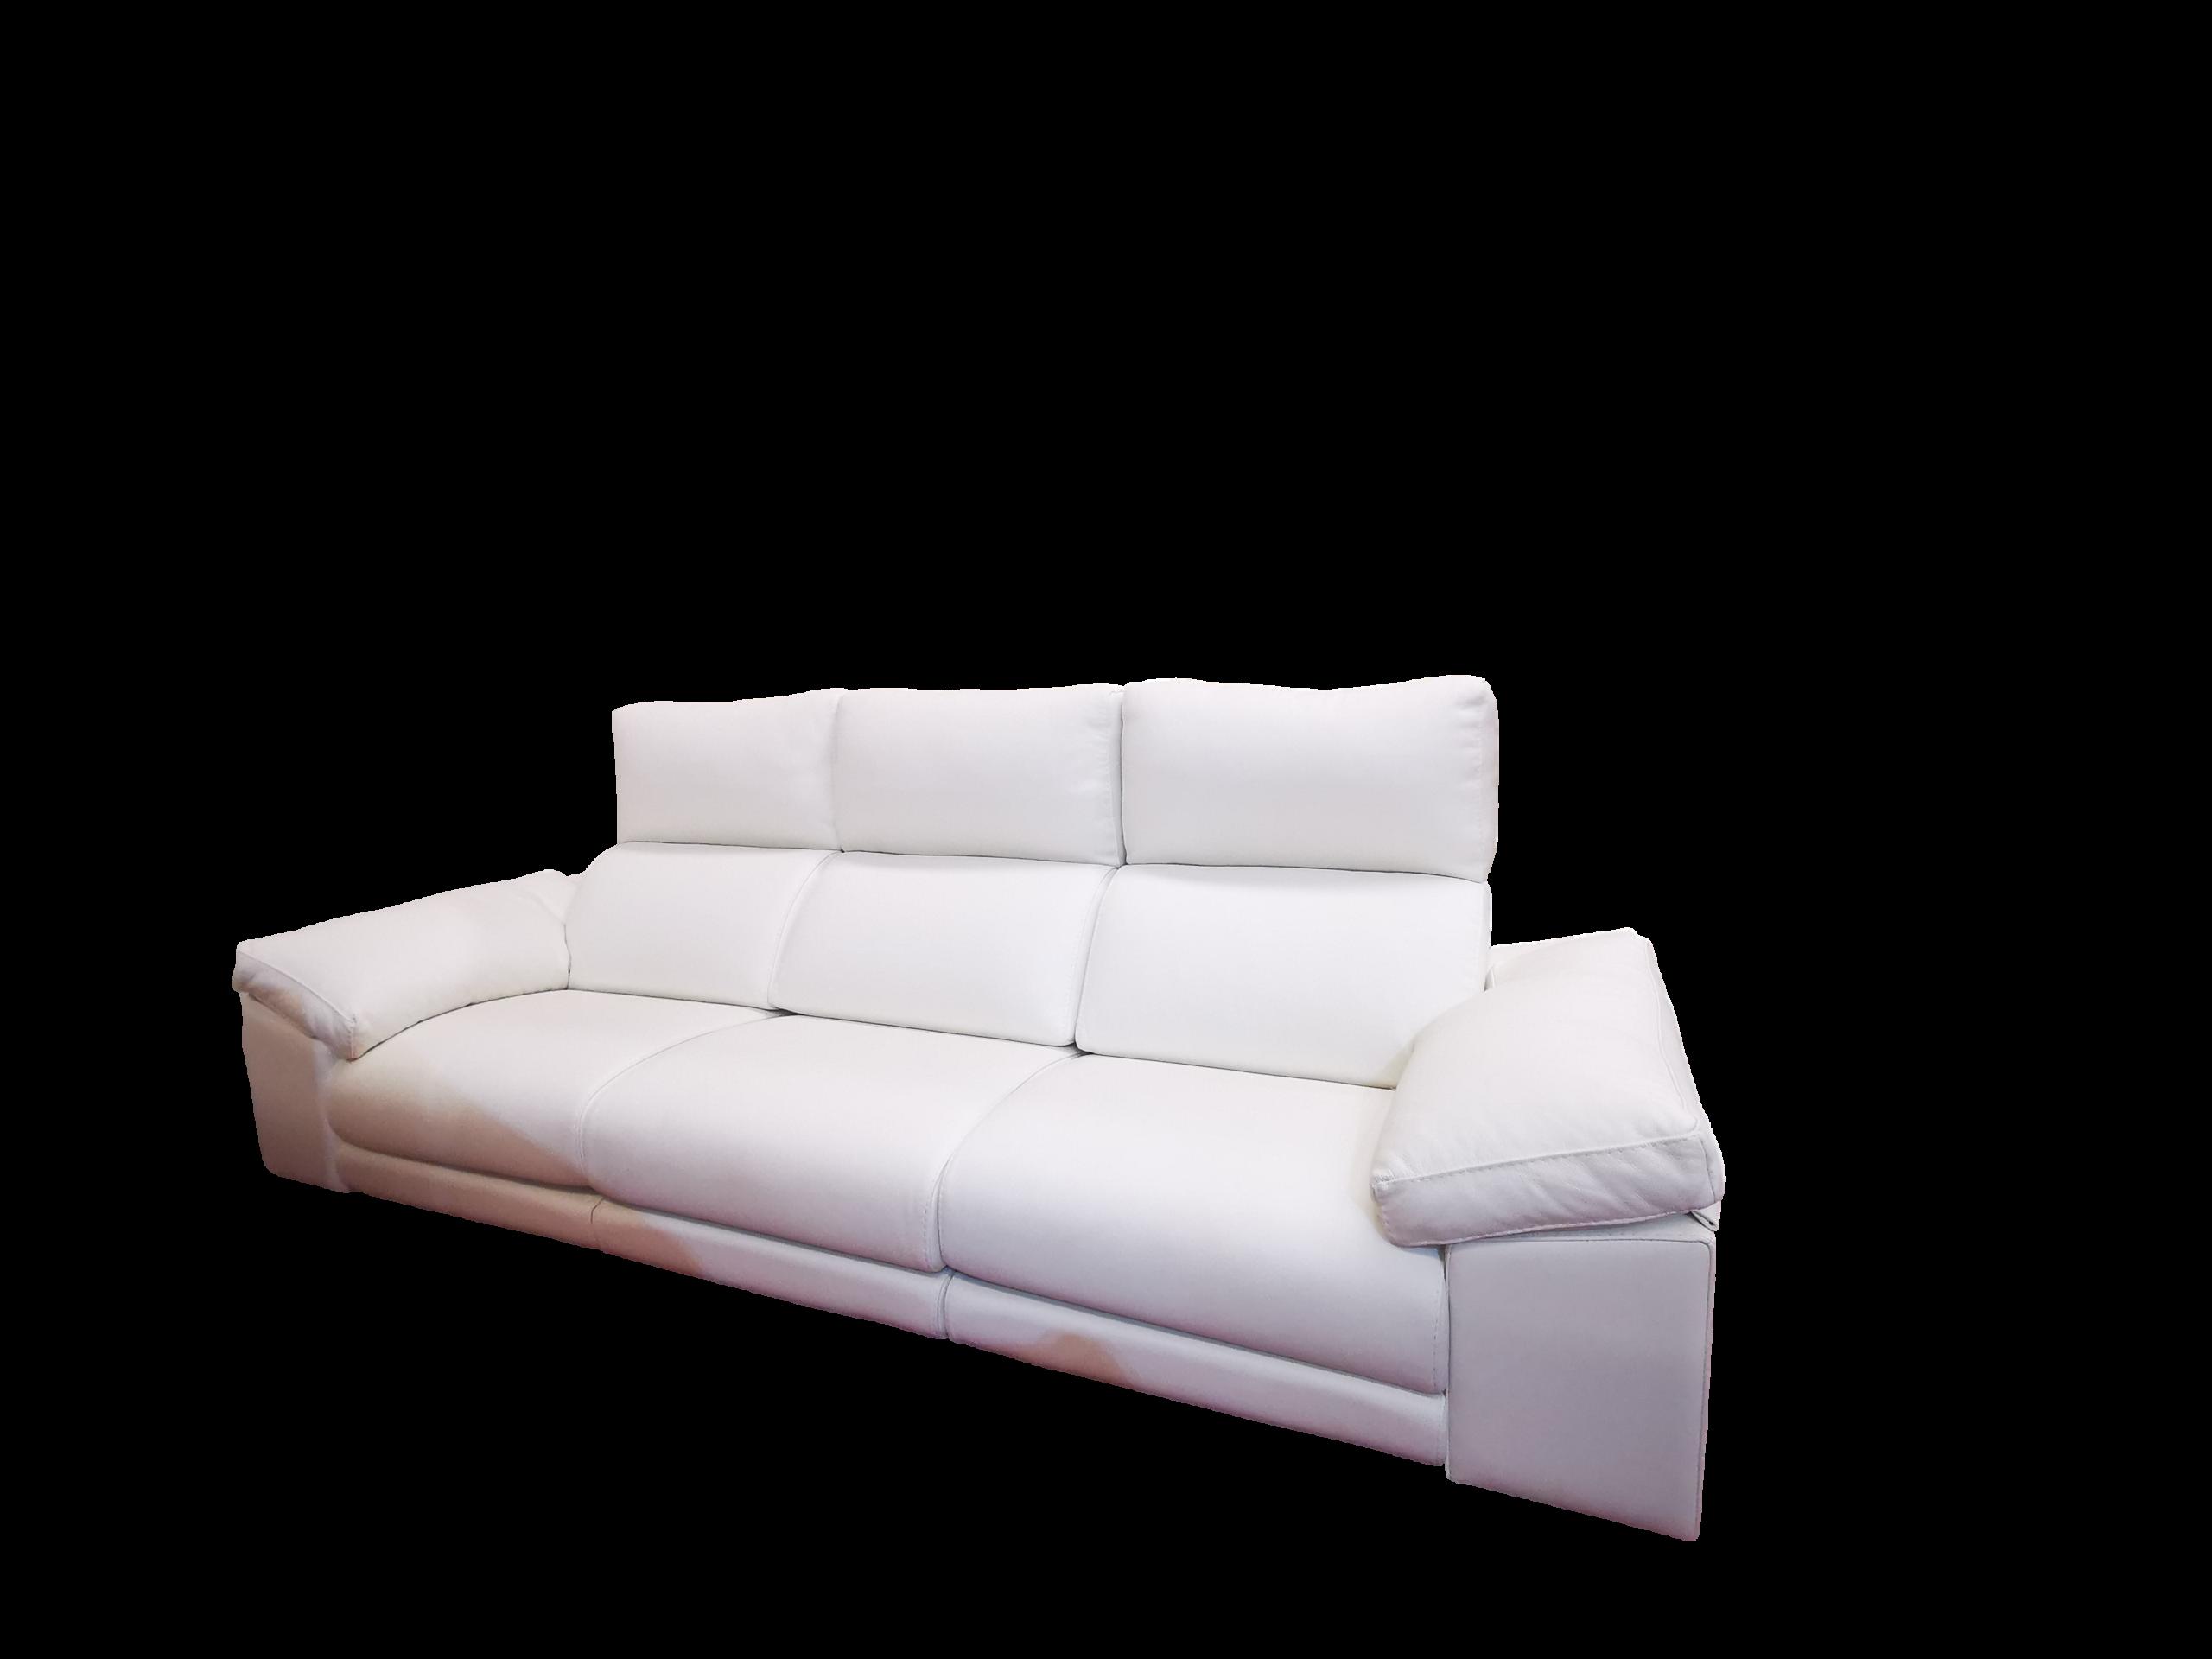 sofa-modelo-moon-fijo-2-50-mt-1-550e